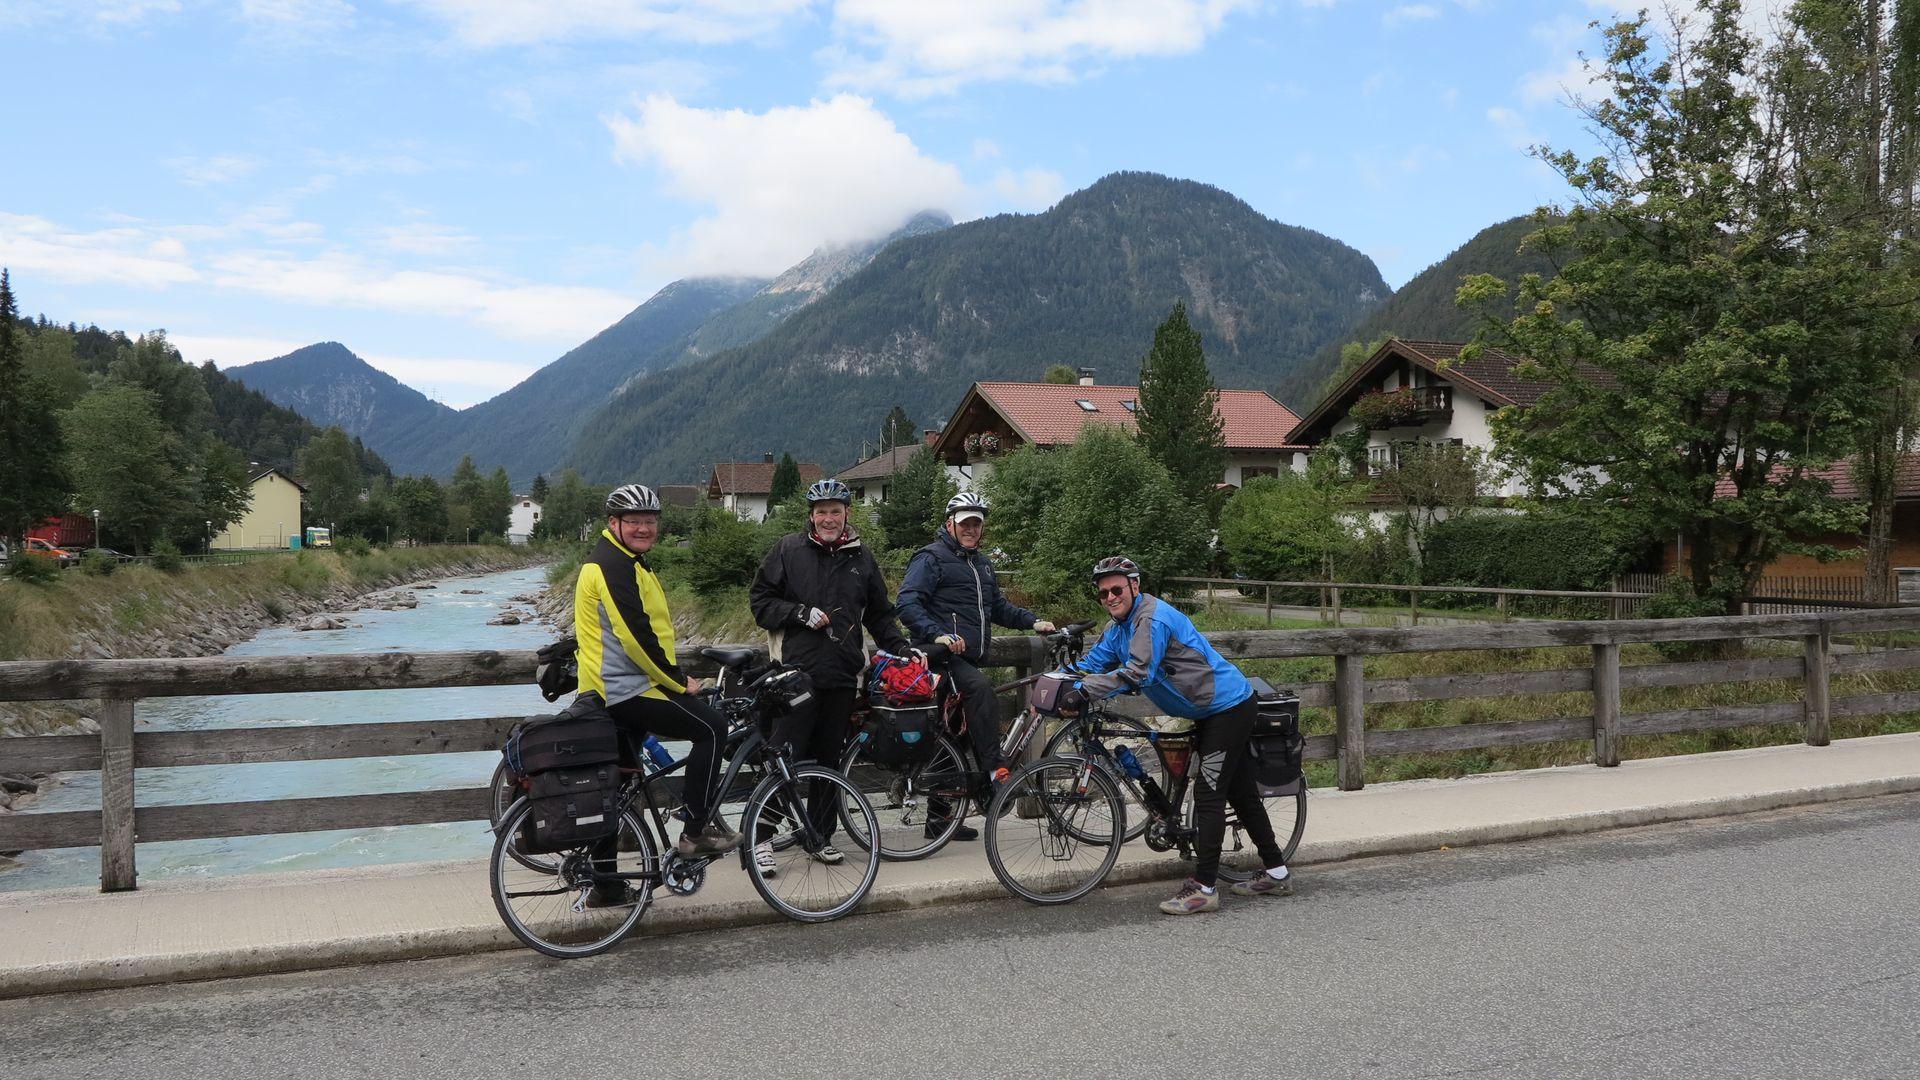 Radsportgruppe Tiefenbroich